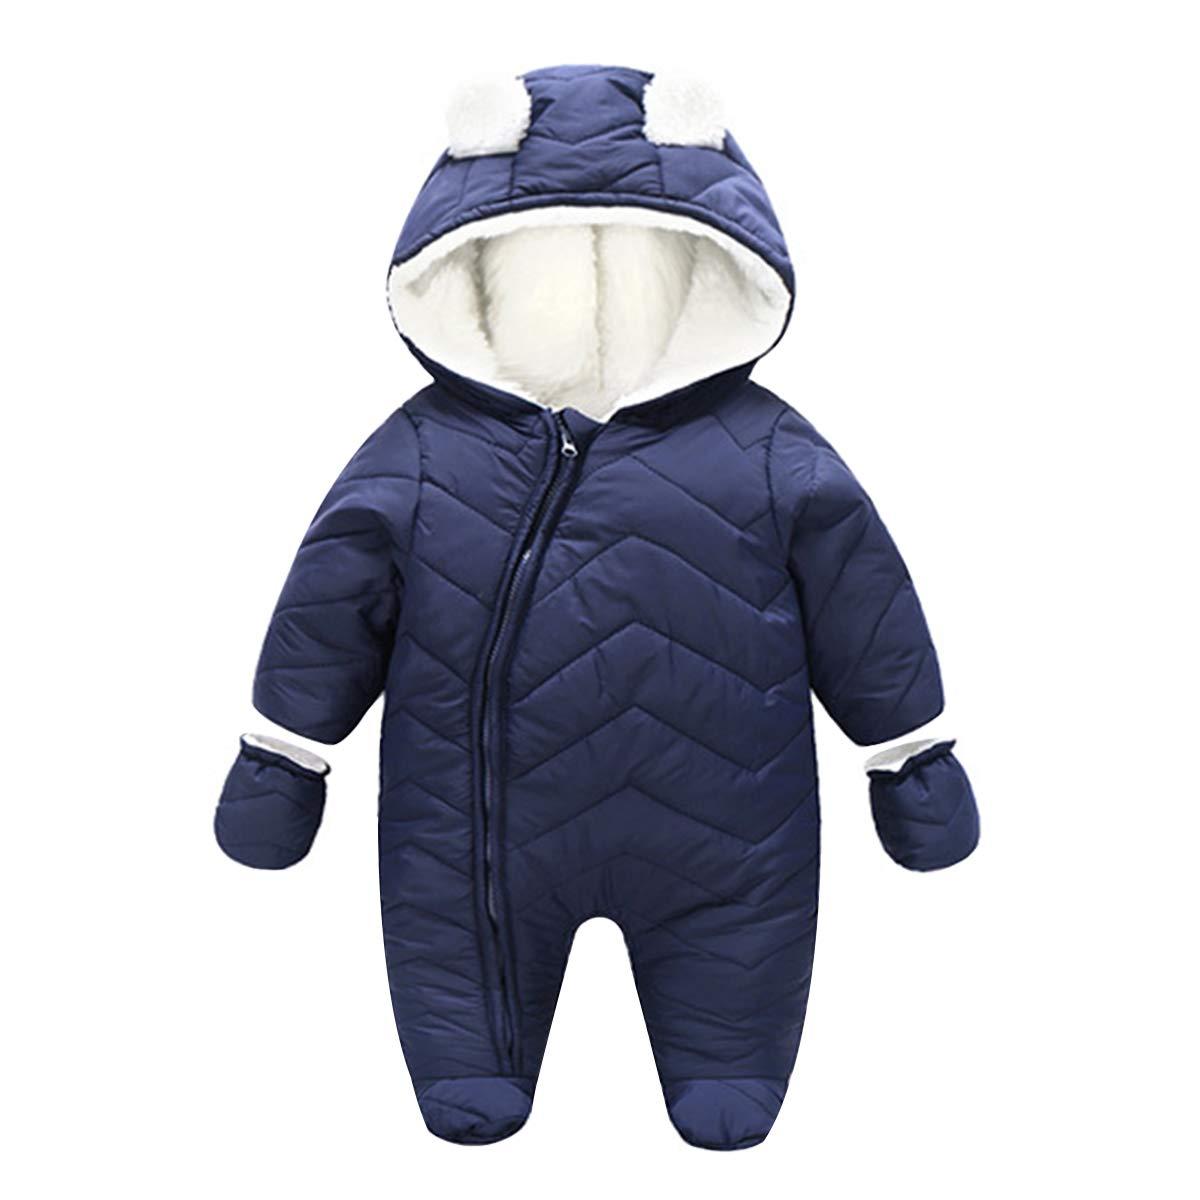 Kanodan Baby Boy Girl Down Jumpsuit Romper Winter Warm Romper Snowsuit Coats (Blue, 18-24Months) by Kanodan